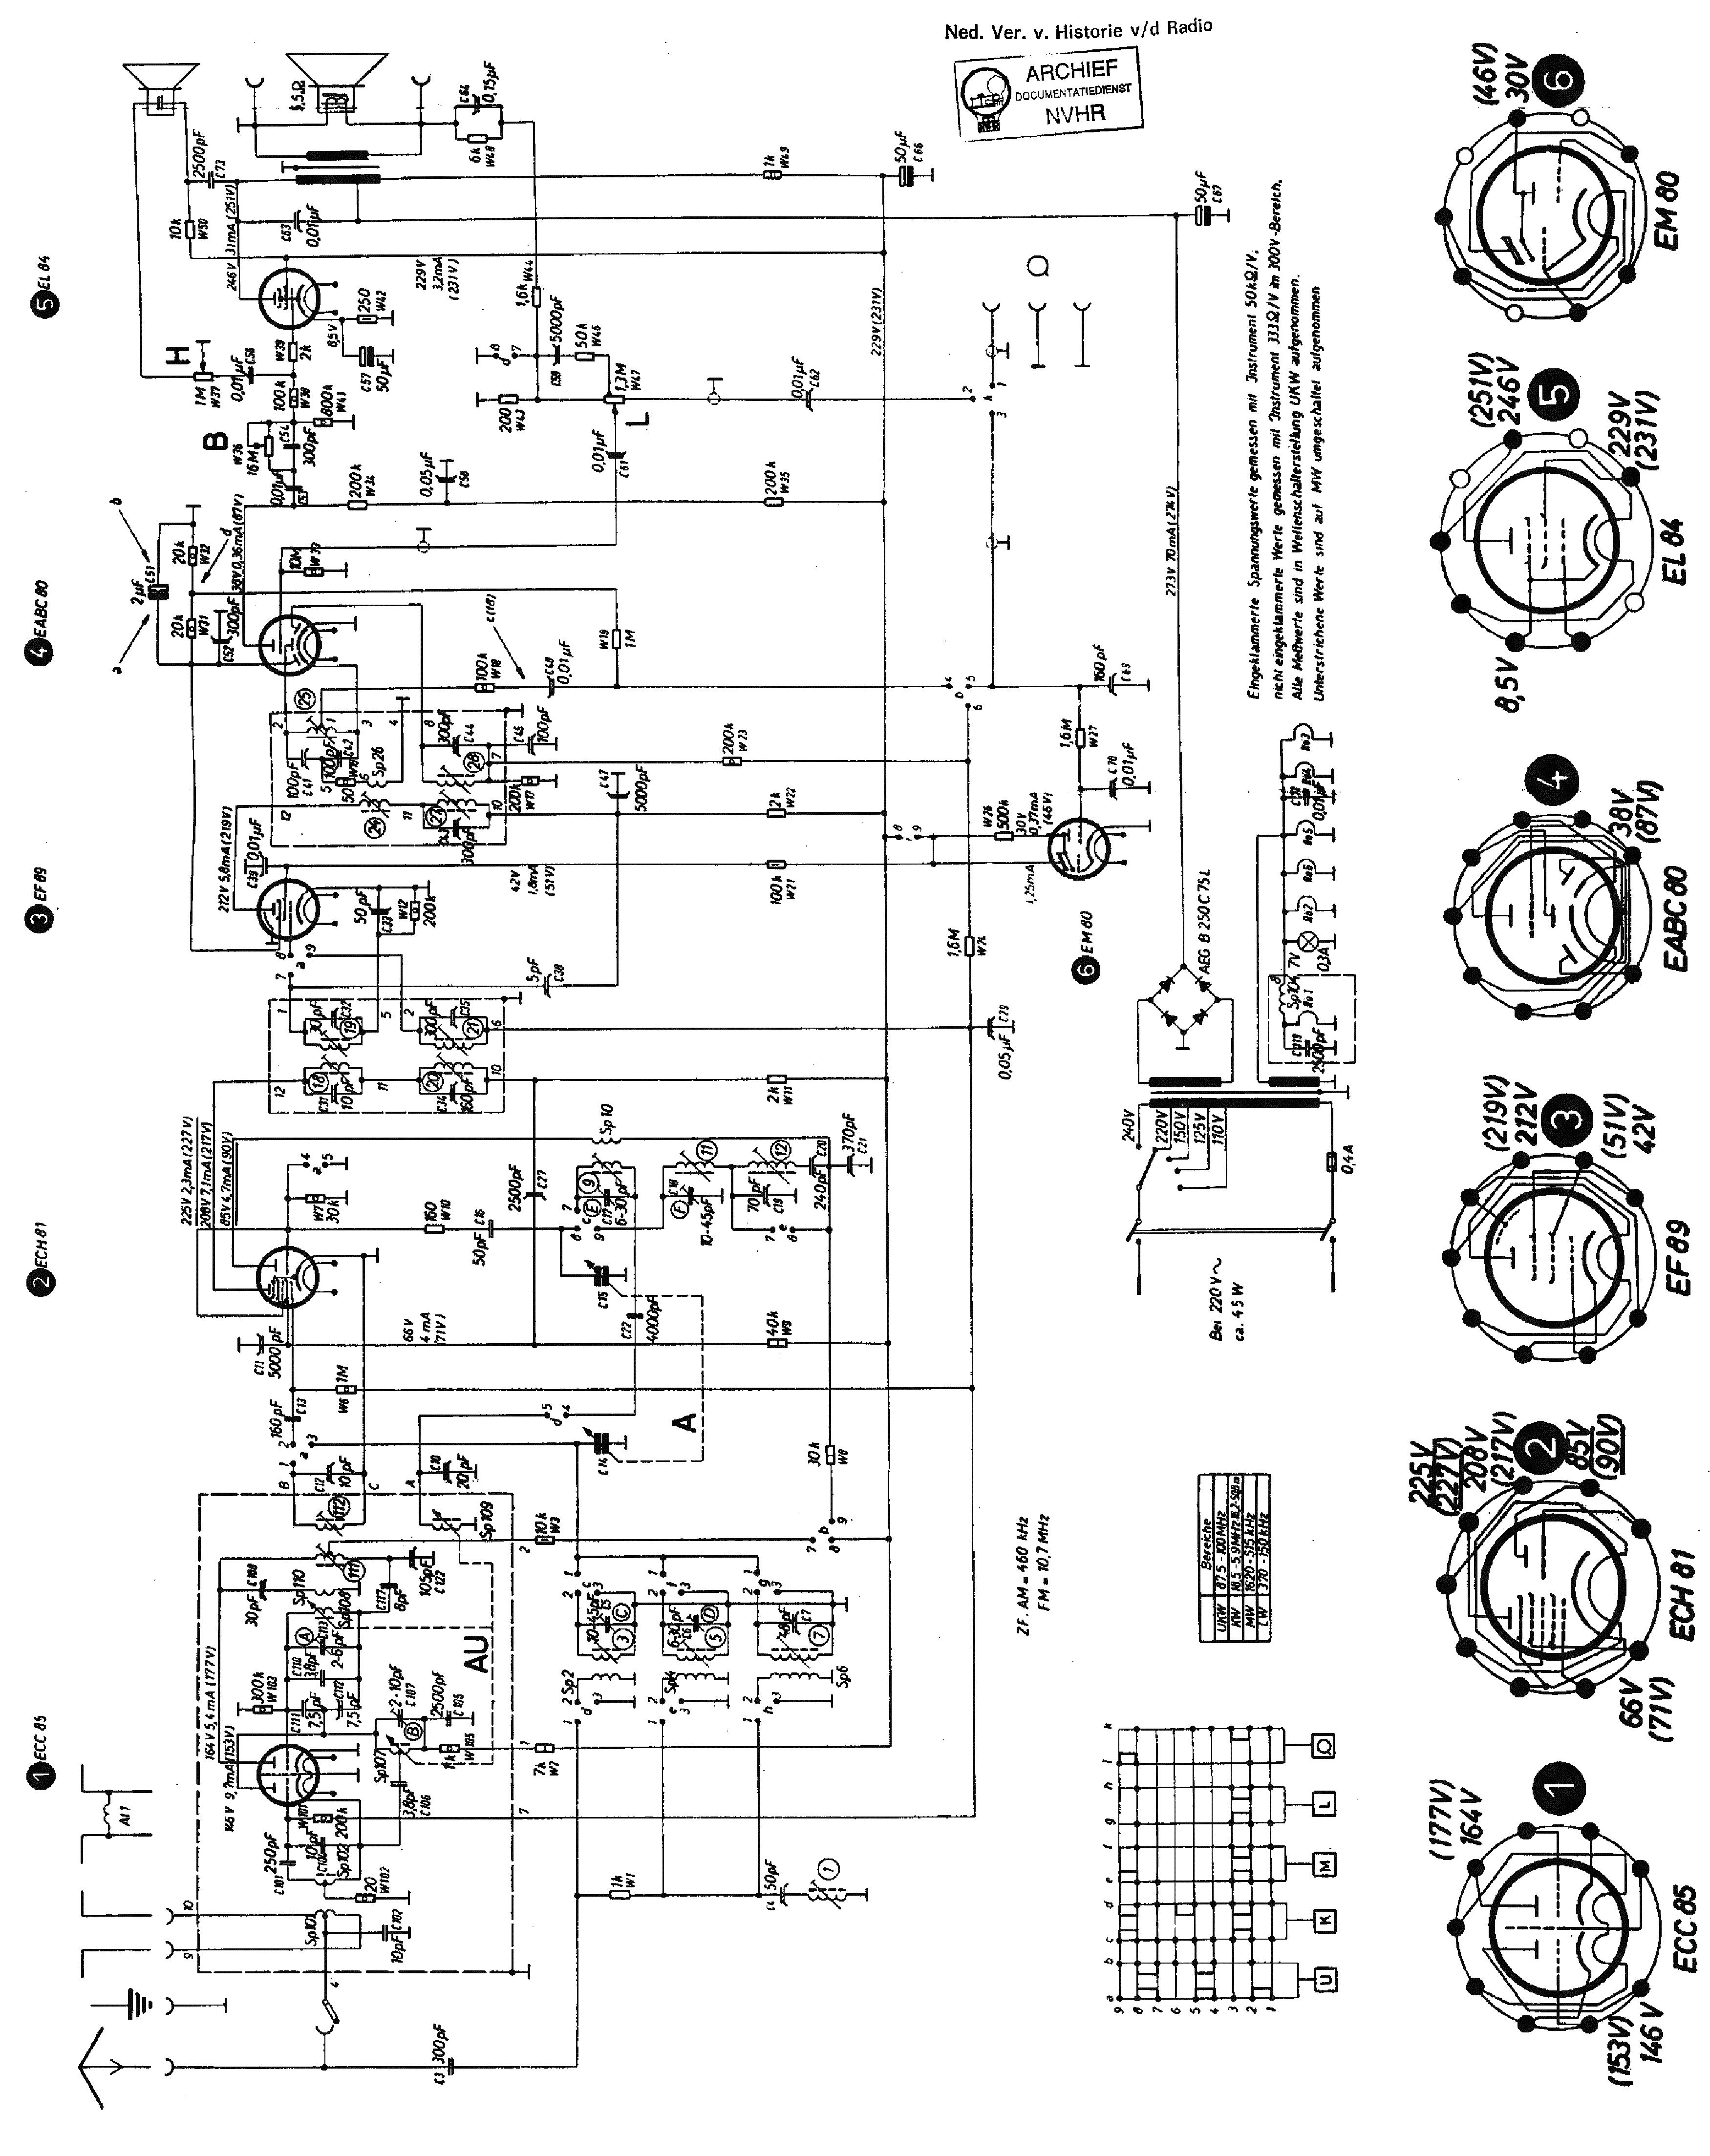 telefunken concertino hifi 101 service manual download